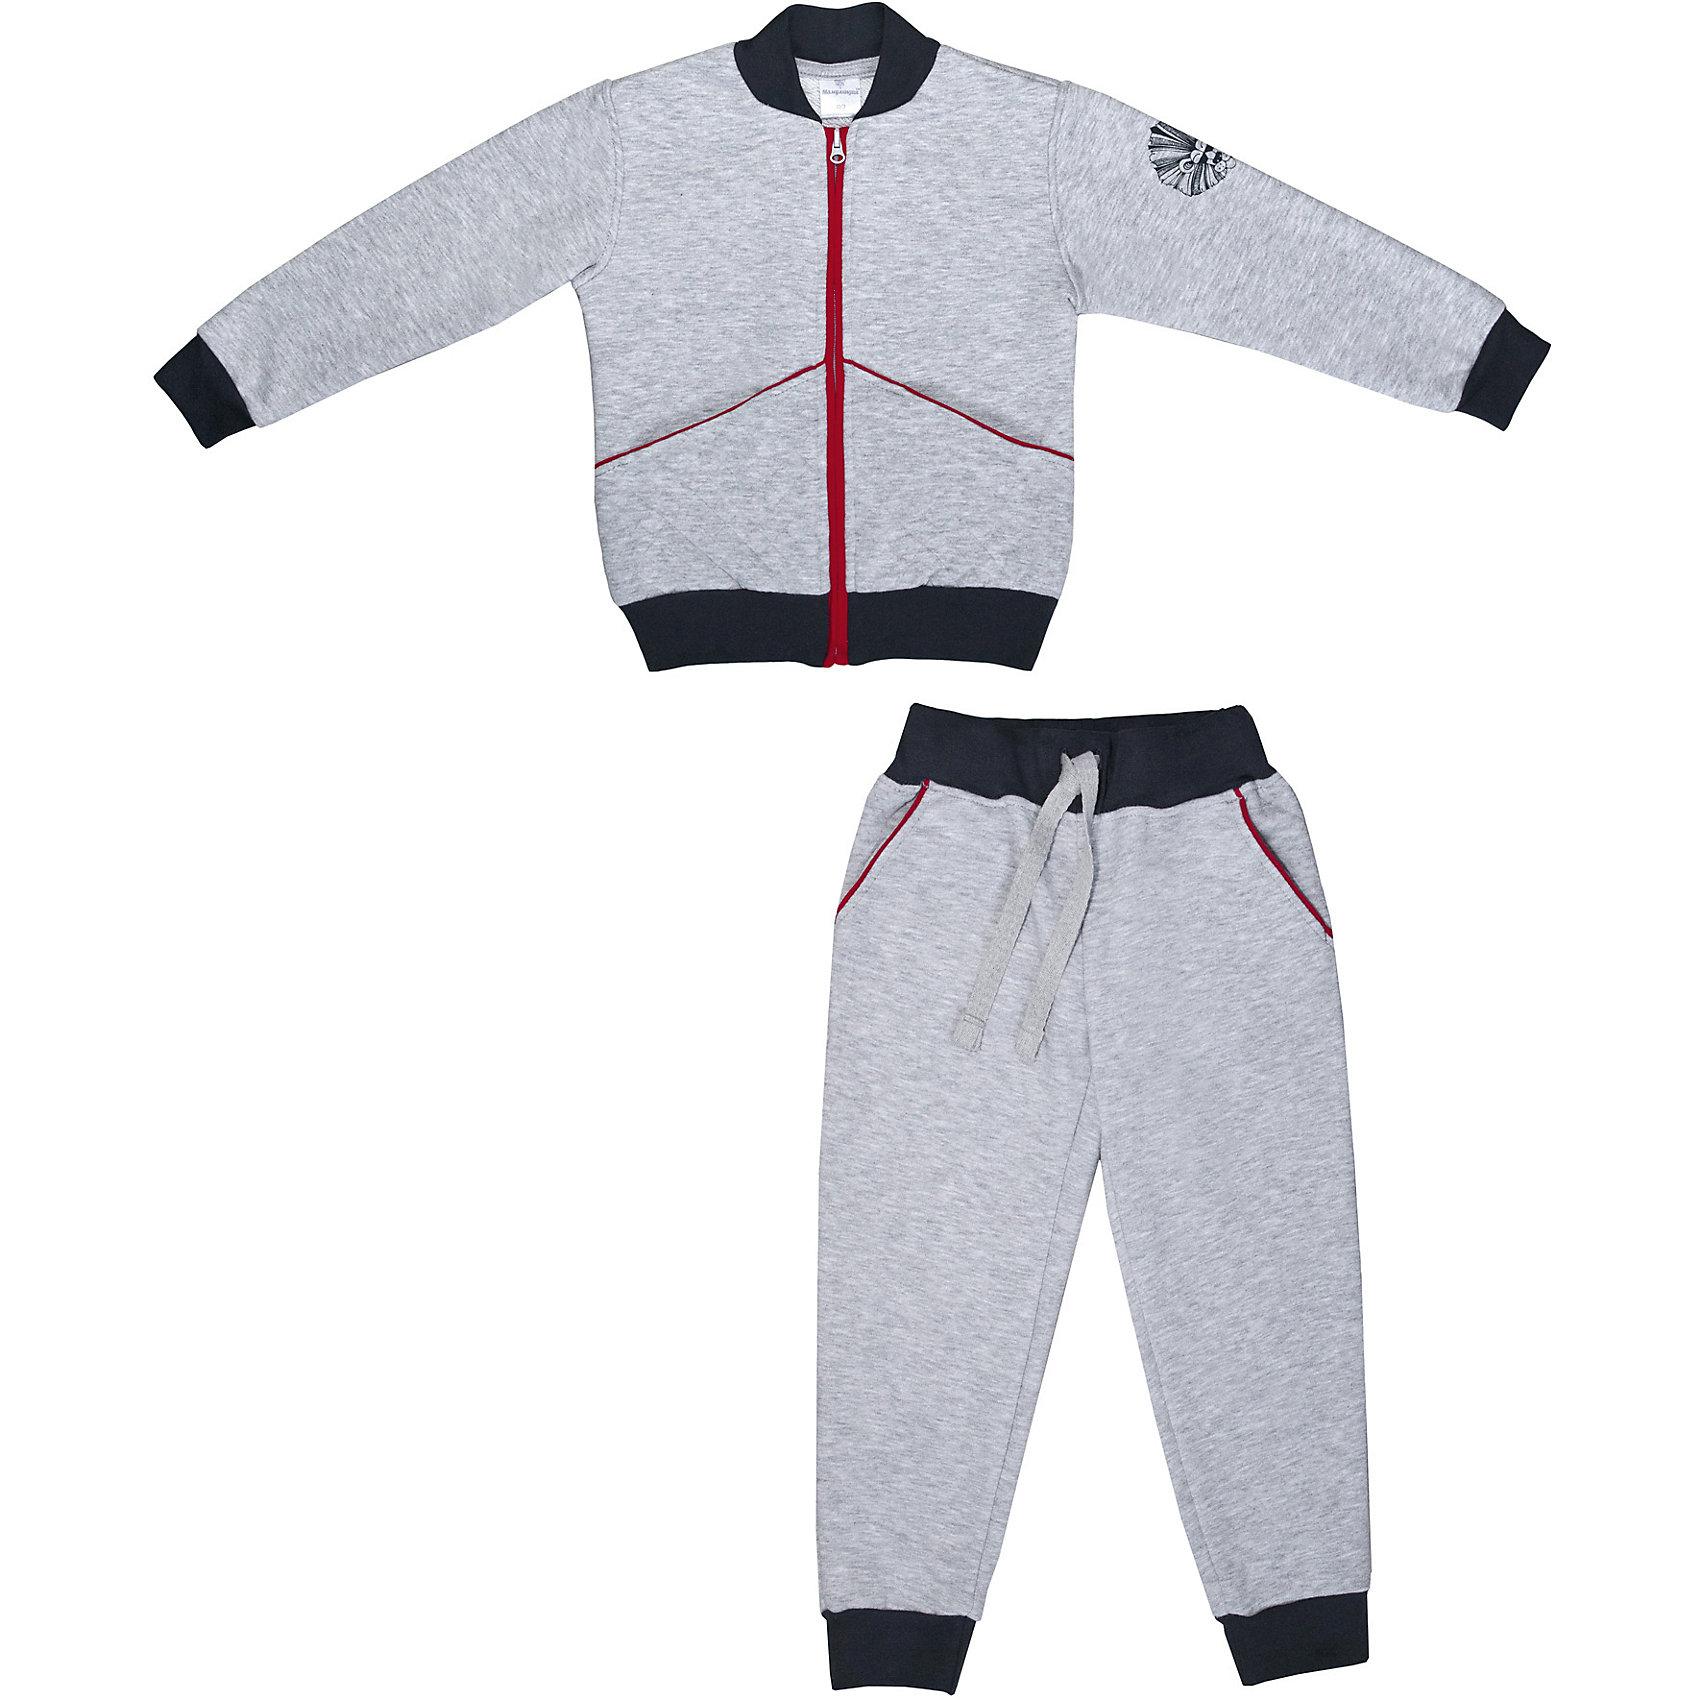 Мамуляндия Костюм для мальчика МАМУЛЯНДИЯ костюм гнома для мальчика в ярославле сегодня